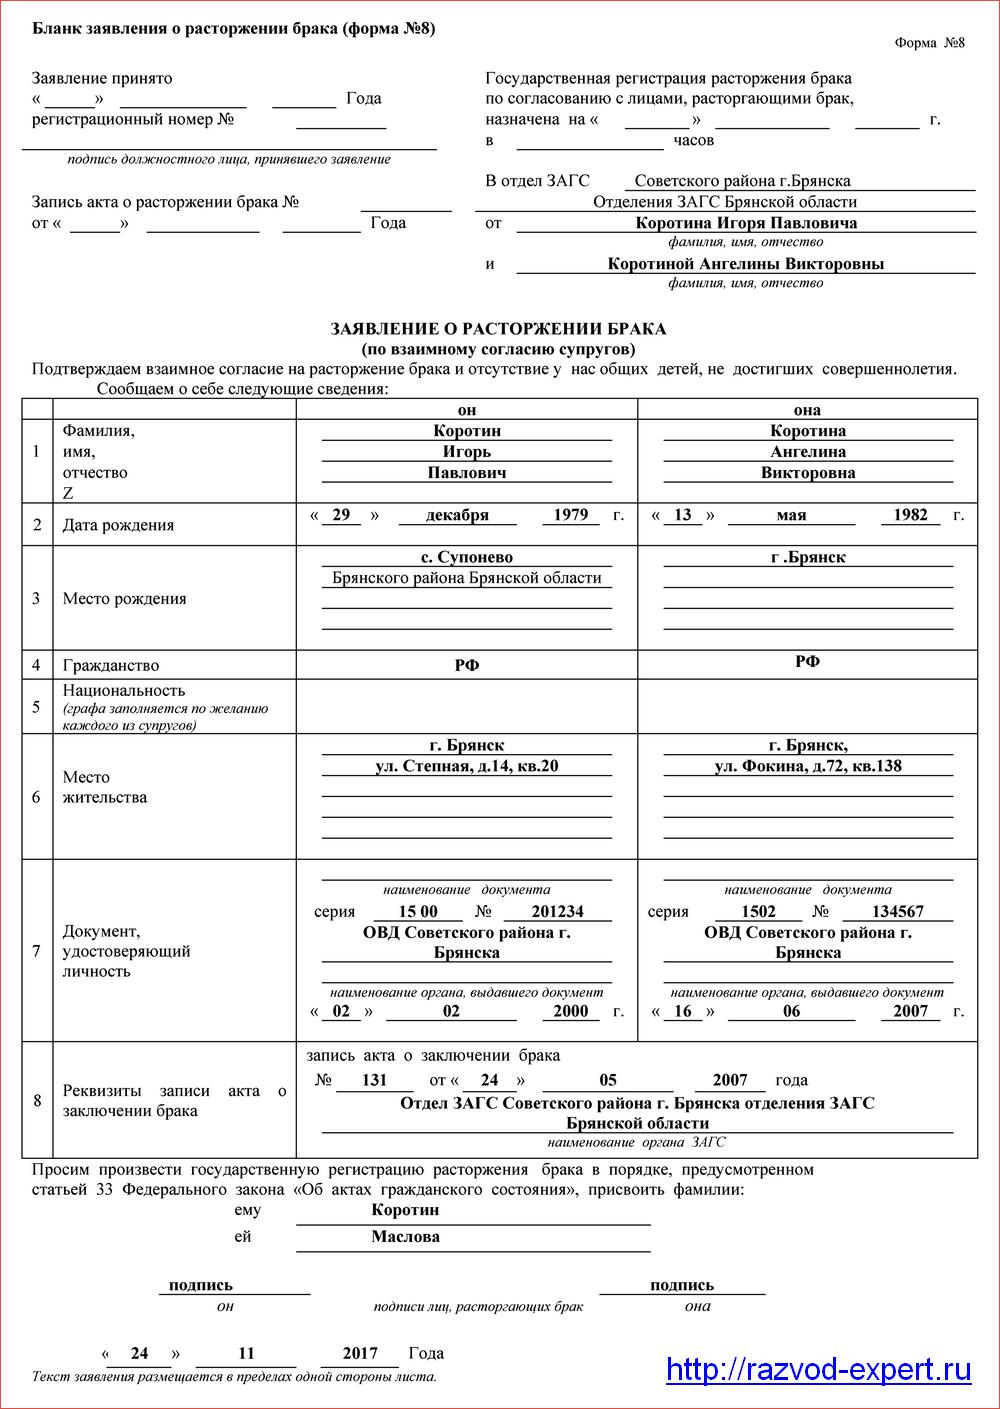 Заявление на развод (форма 8)